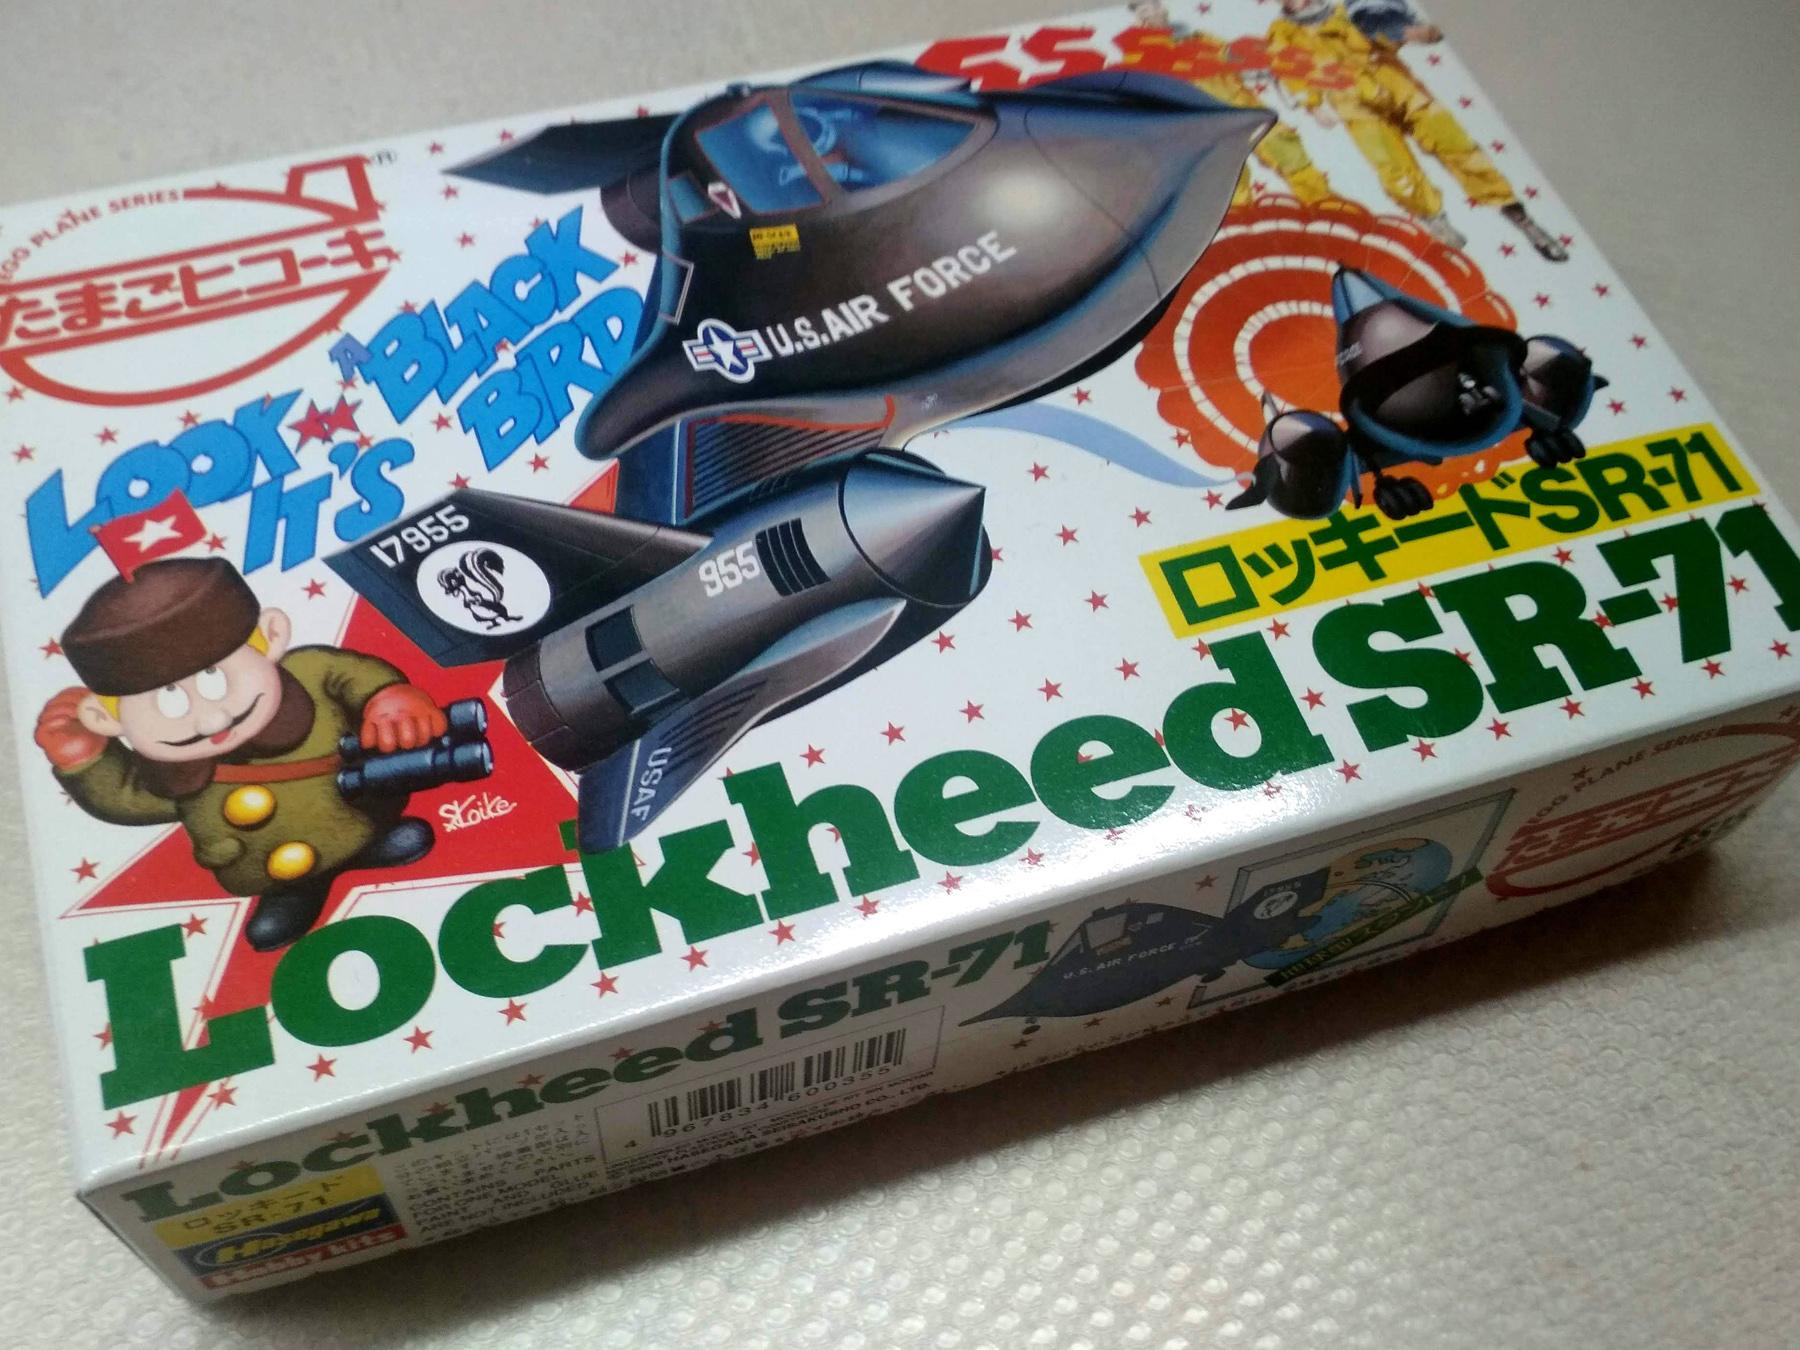 Lockheed SR-71 / Egg / Hasegawa